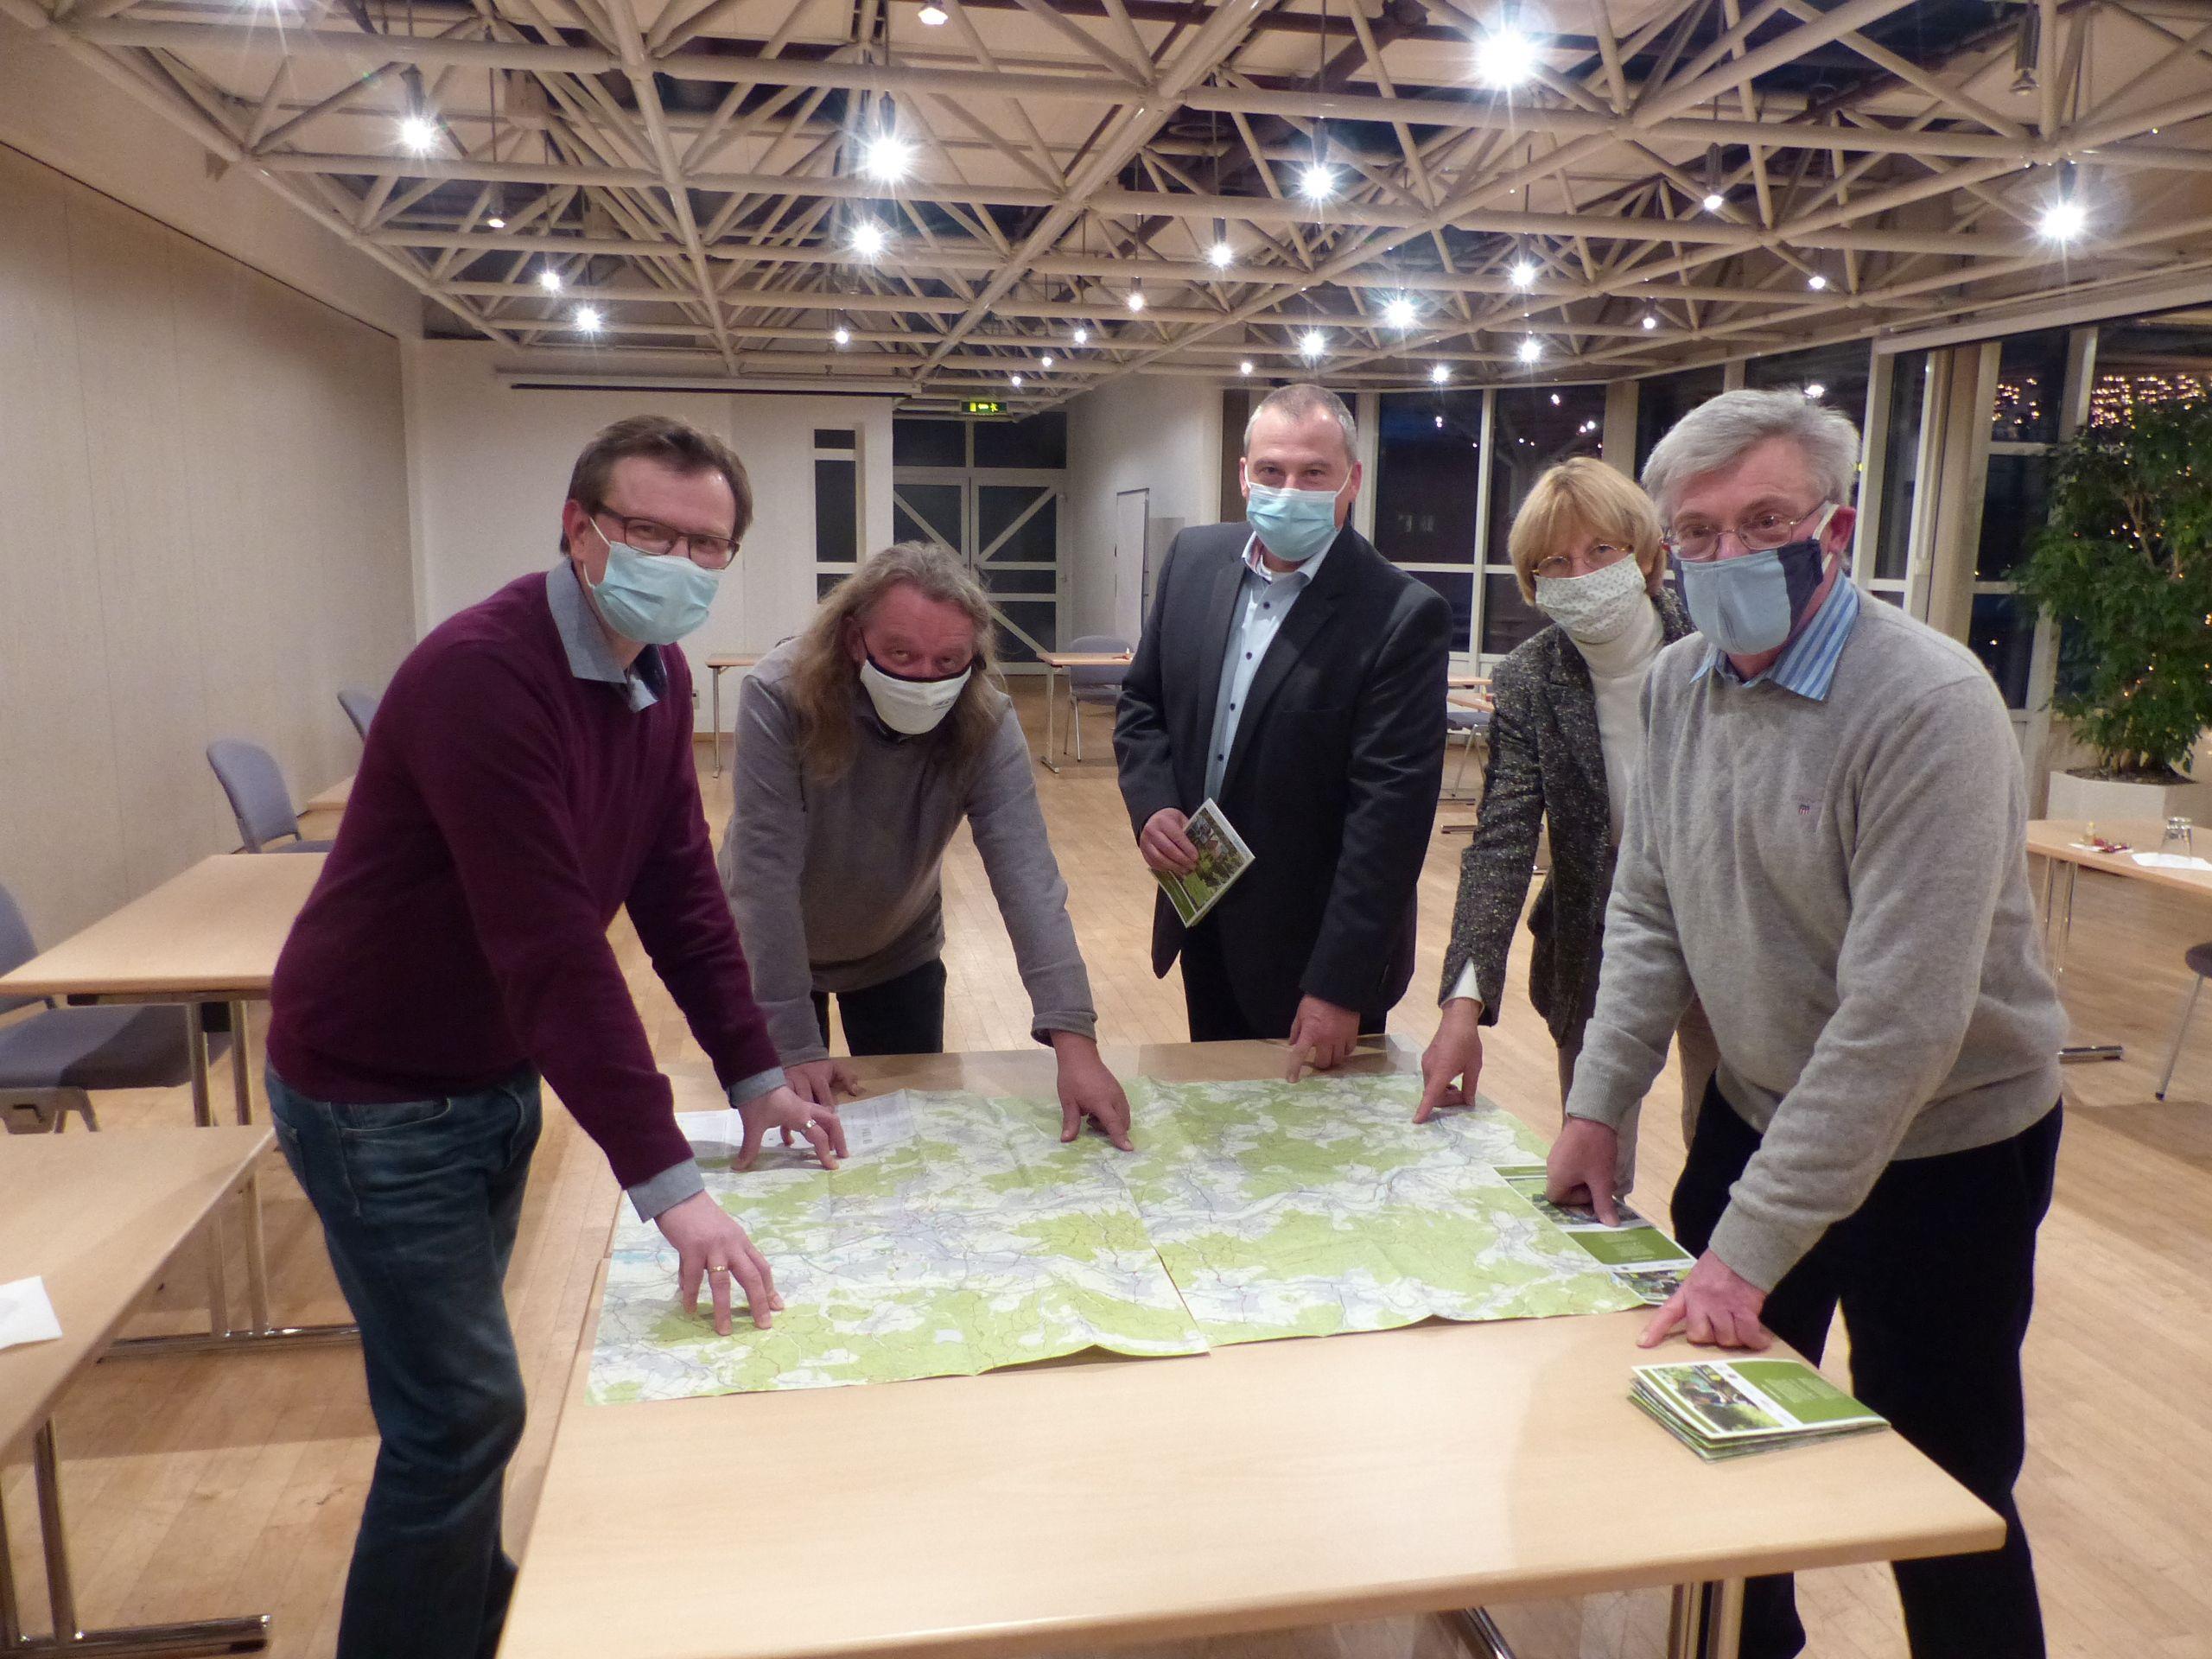 von links: Philipp Borchardt, Norbert Kortlüke, Christian Breithecker, Anja Zarge und Dr. Lutz Münzer präsentieren die neue Rad- und Wanderkarte (c) Stadt Wetzlar